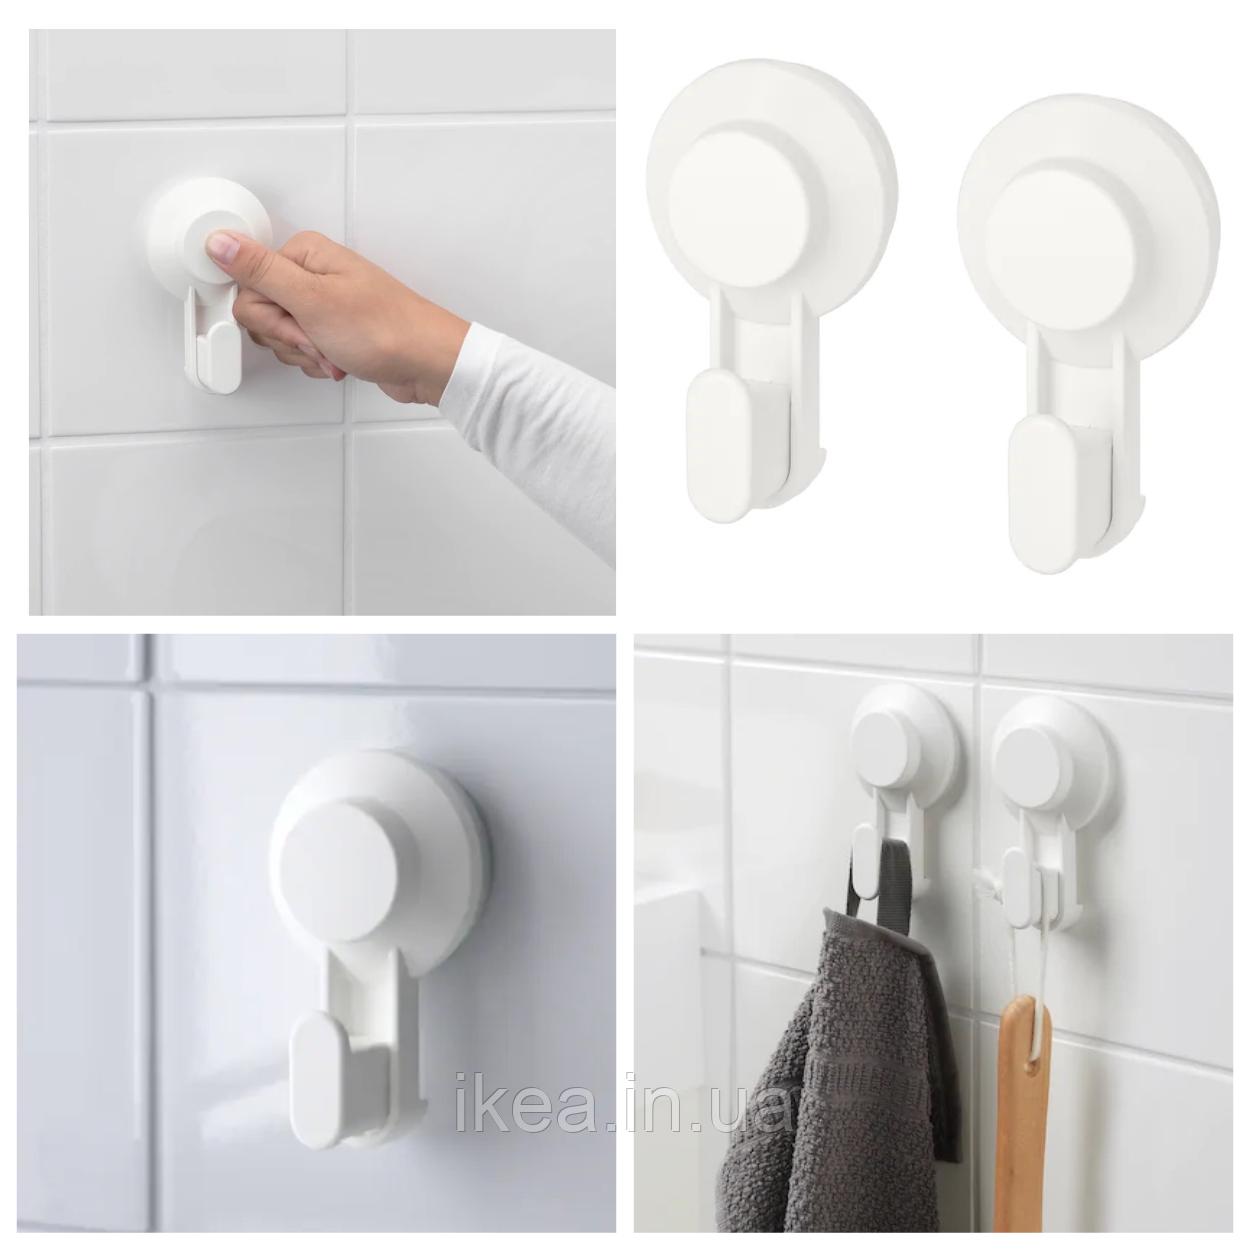 Гачки з вакуумною присоском IKEA TISKEN білі 2 шт вішалки для рушників ІКЕА ТІСКЕН